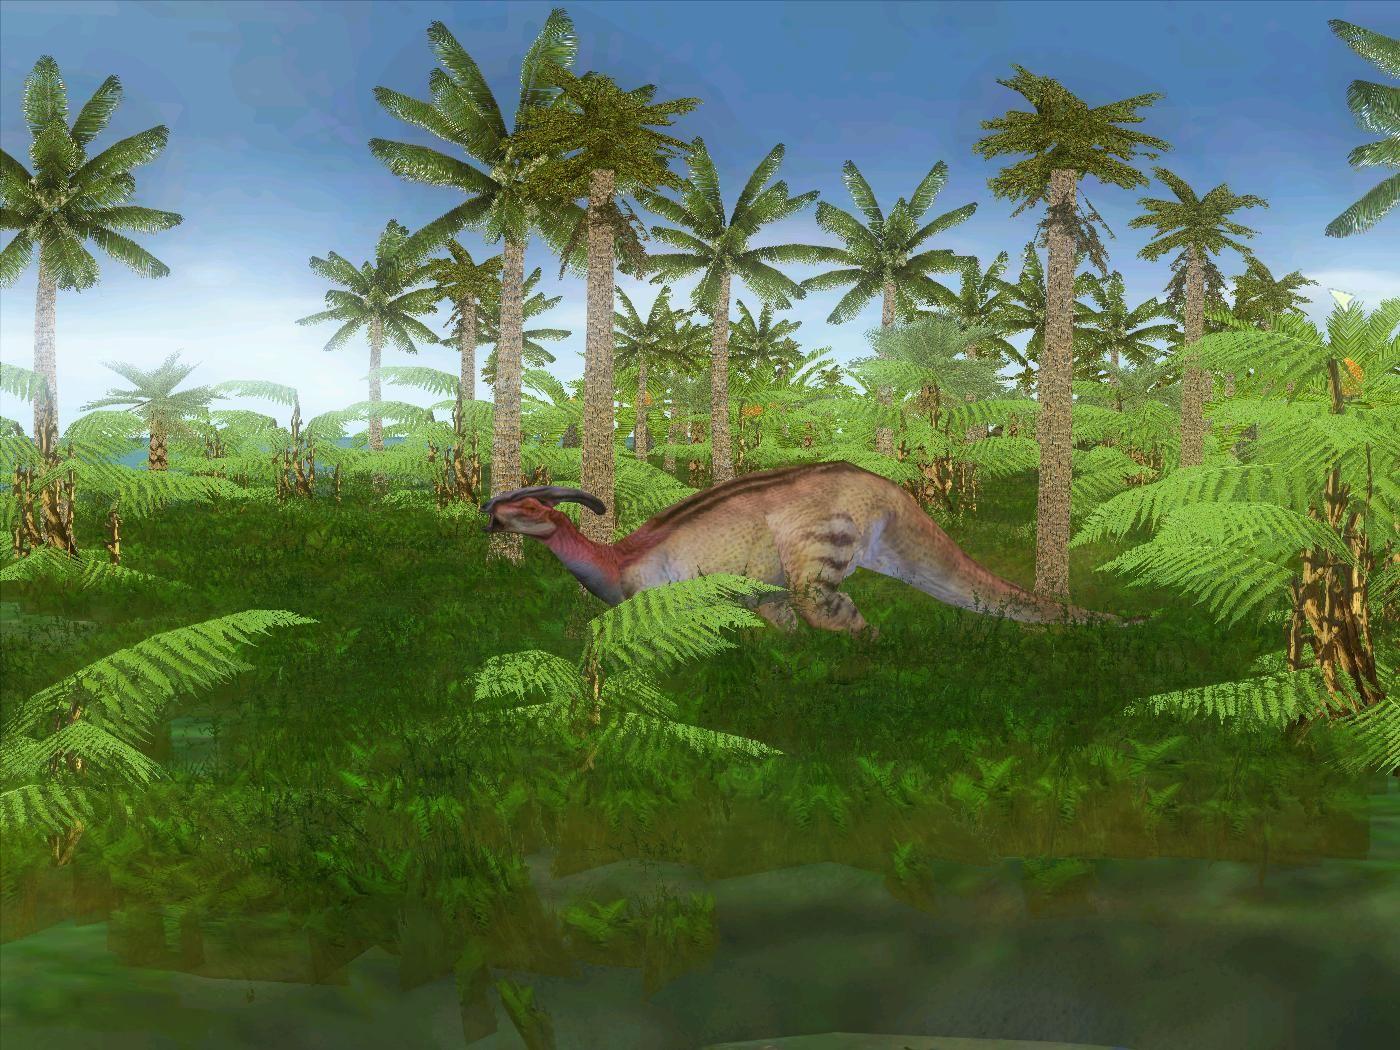 Parasaurolophus Walkeri. in 2020 Jurassic park, Jurassic